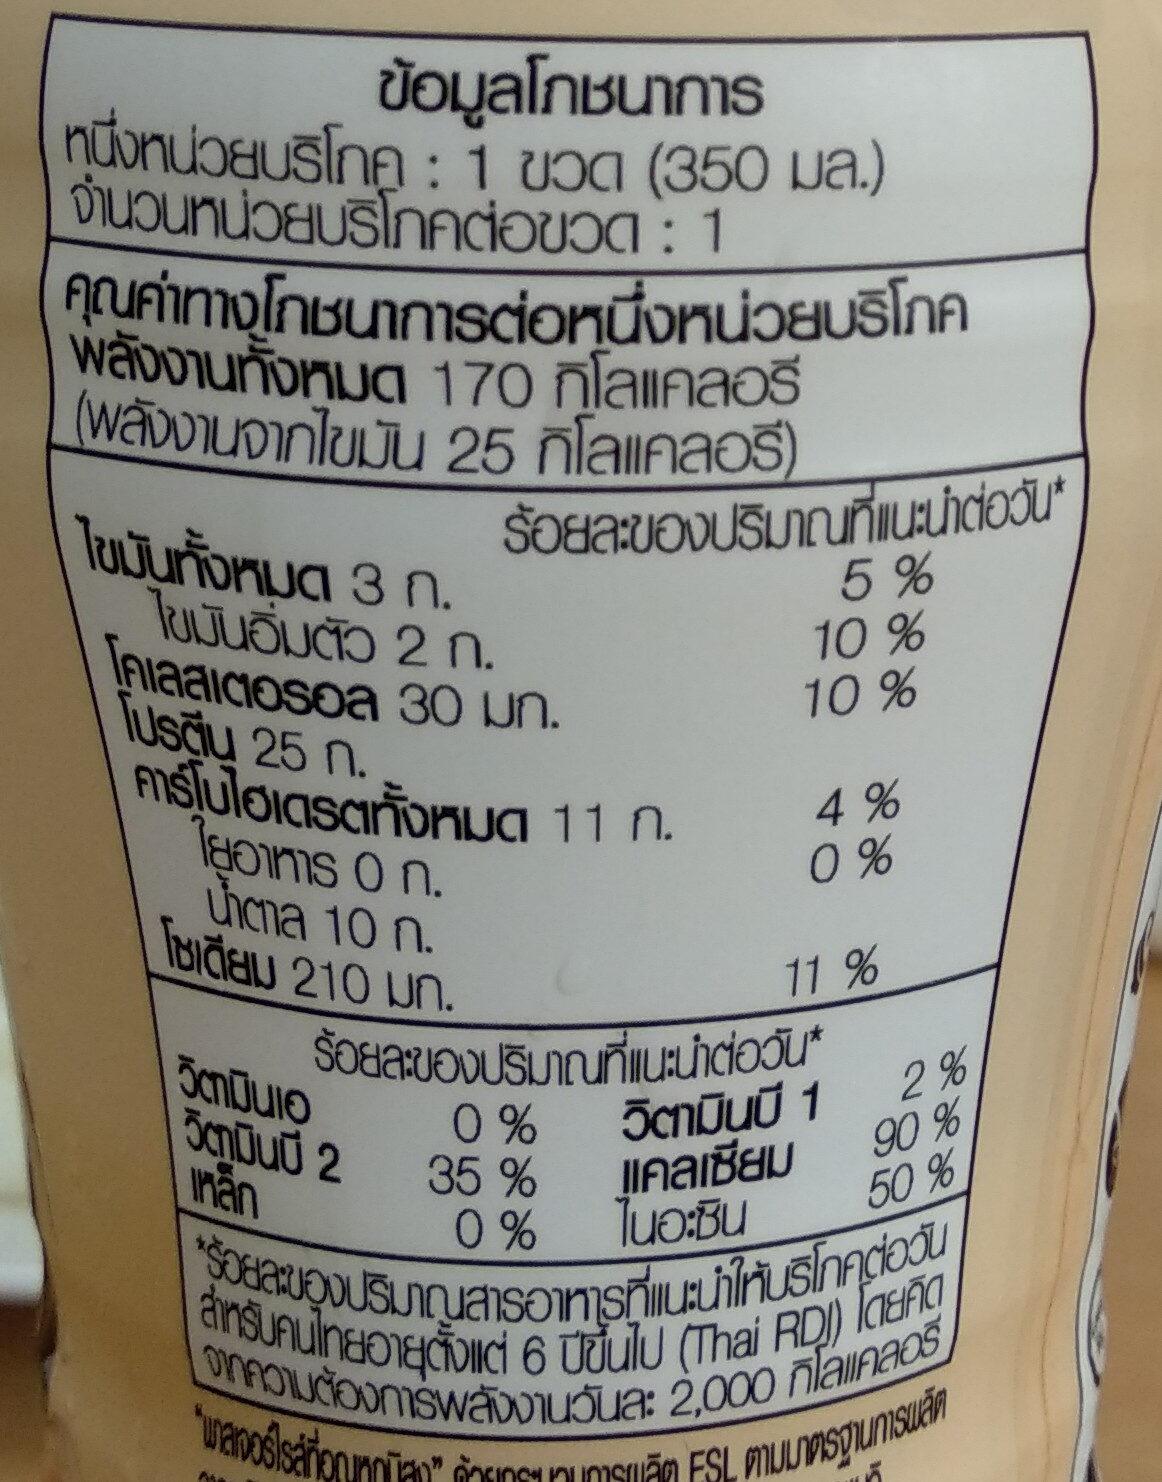 เมจิไฮโปรตีน สูตรไม่เติมน้ำตาลกลิ่นอัลมอนด์ - Informations nutritionnelles - th